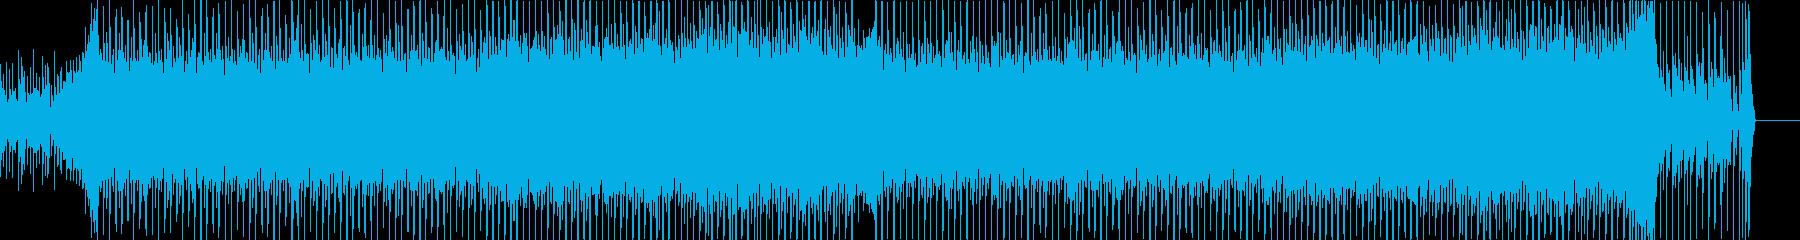 怪しい雰囲気のダンスビートの再生済みの波形